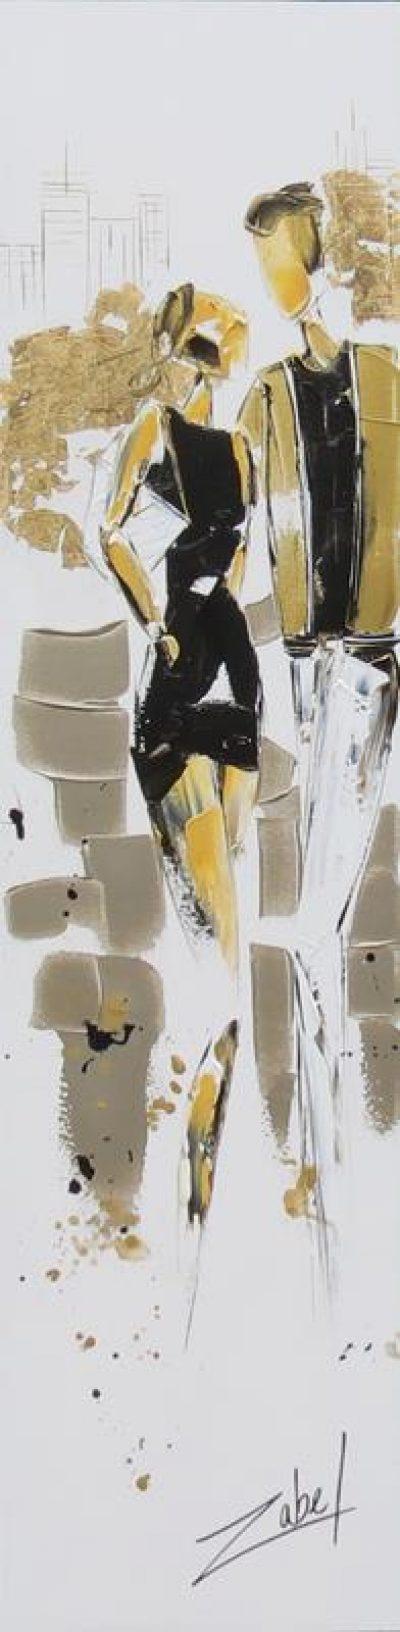 Zabel - Nous et mon sac Versace 12x48_web